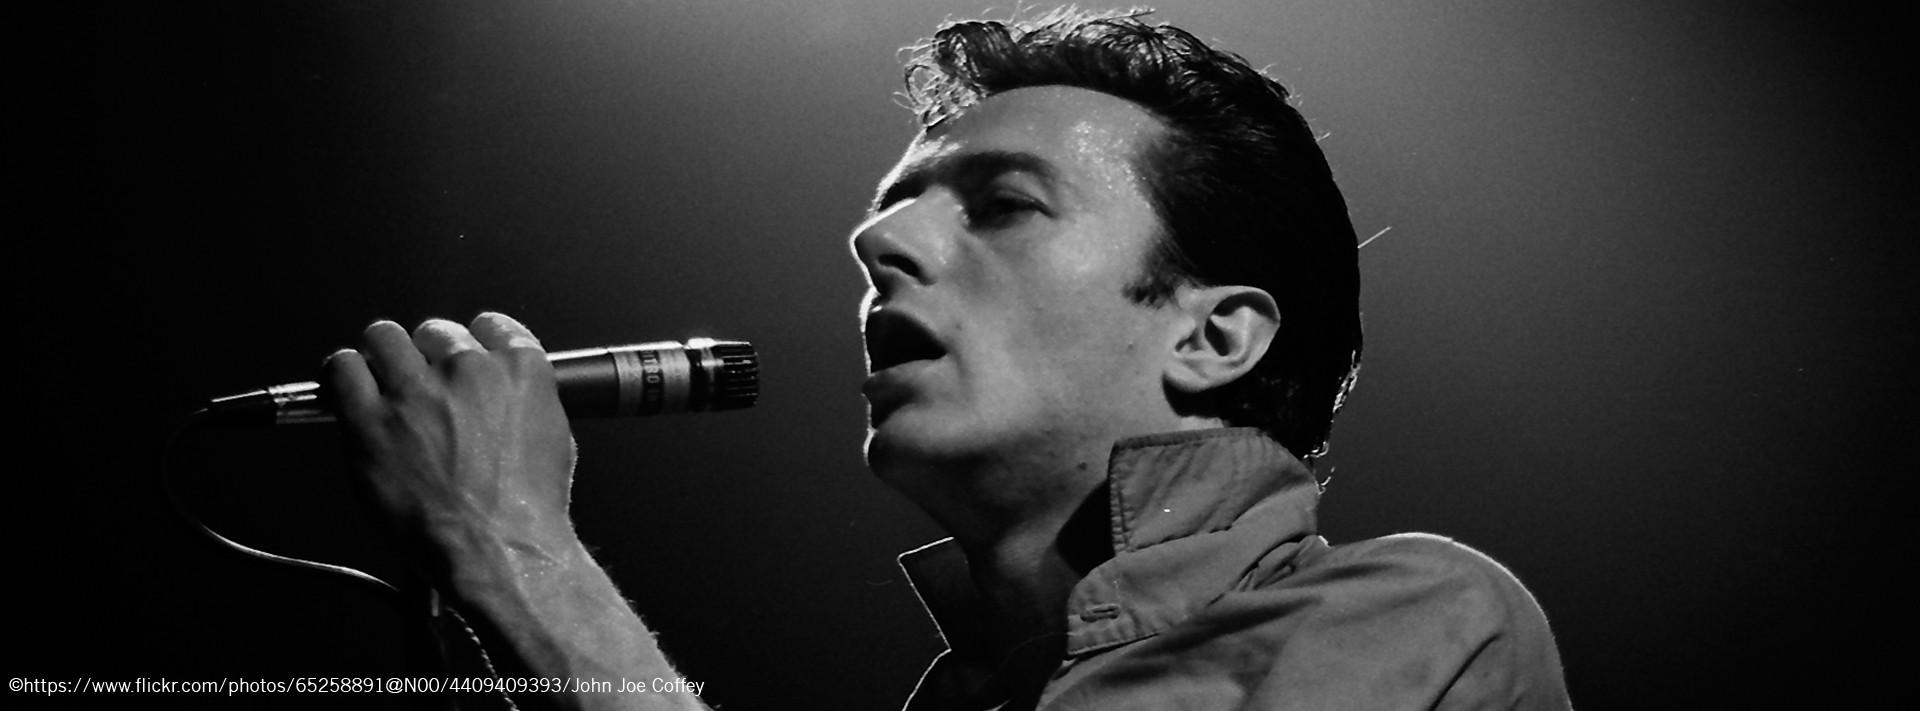 The Clash - Tous les albums, toutes les chansons